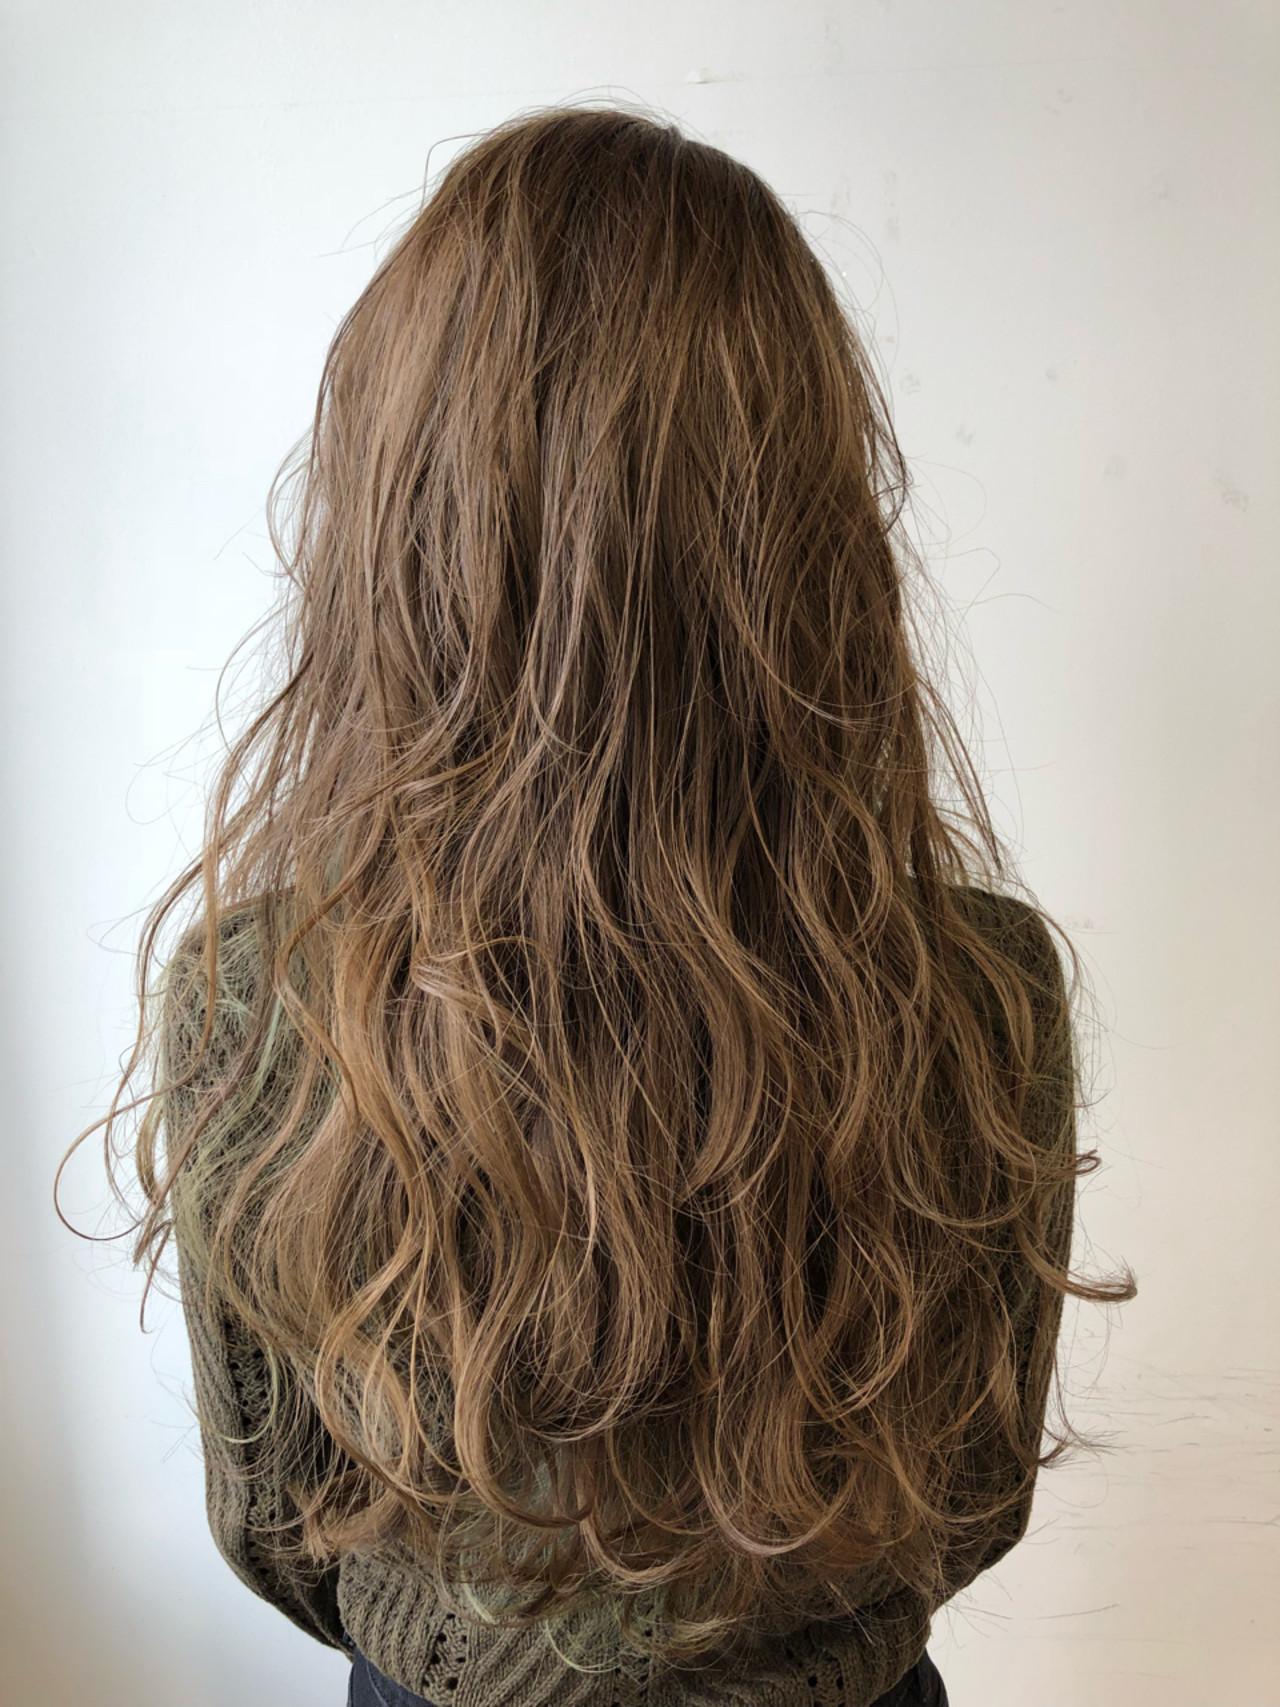 イルミナカラー ヘアアレンジ 3Dカラー ナチュラル ヘアスタイルや髪型の写真・画像